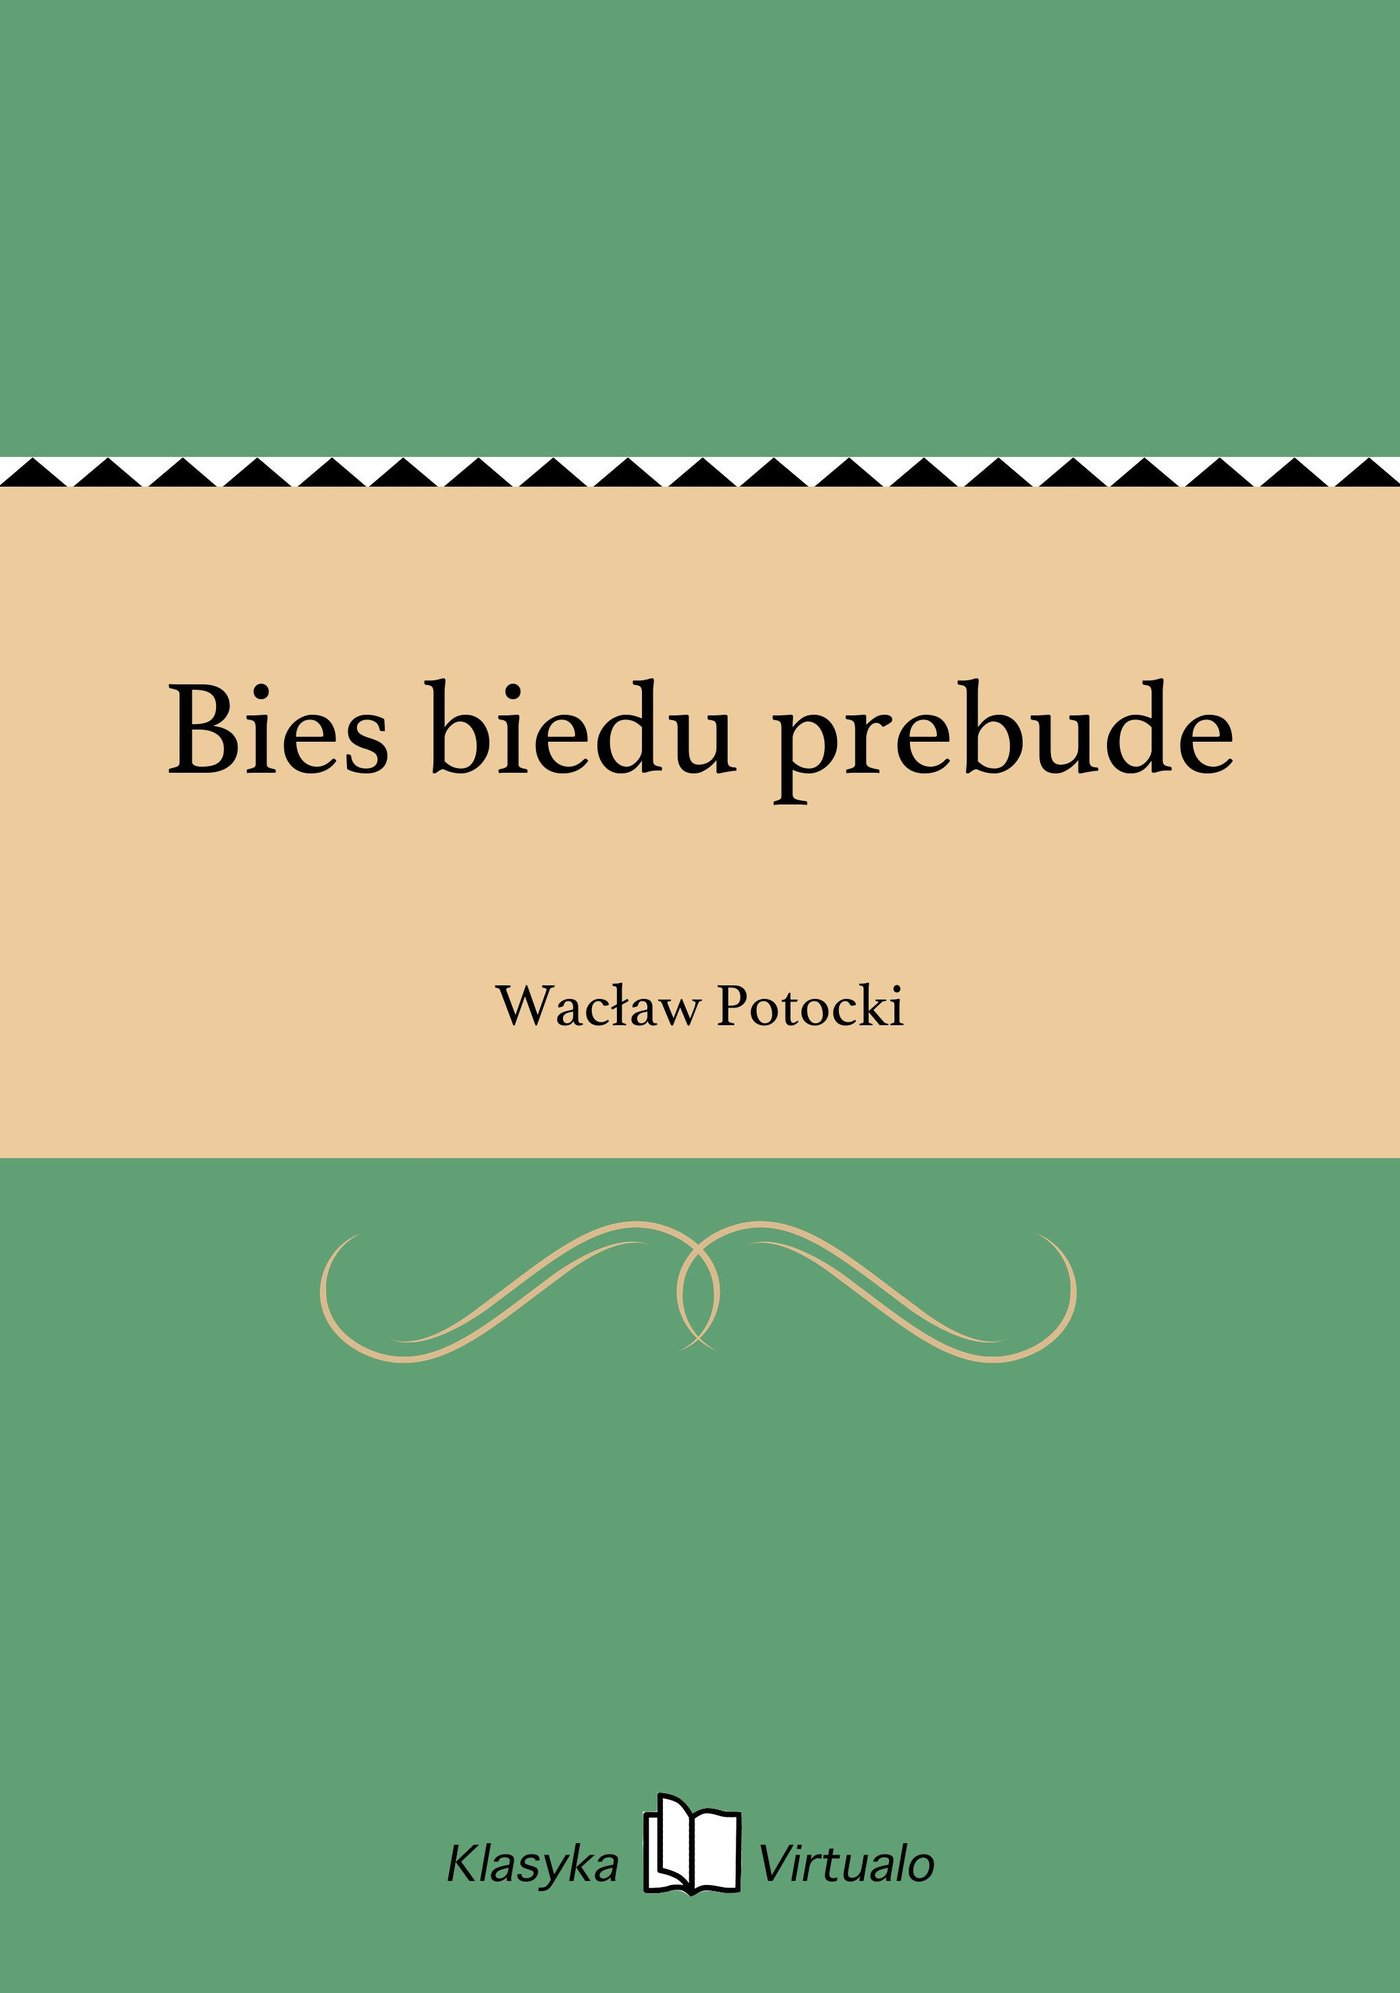 Bies biedu prebude - Ebook (Książka EPUB) do pobrania w formacie EPUB